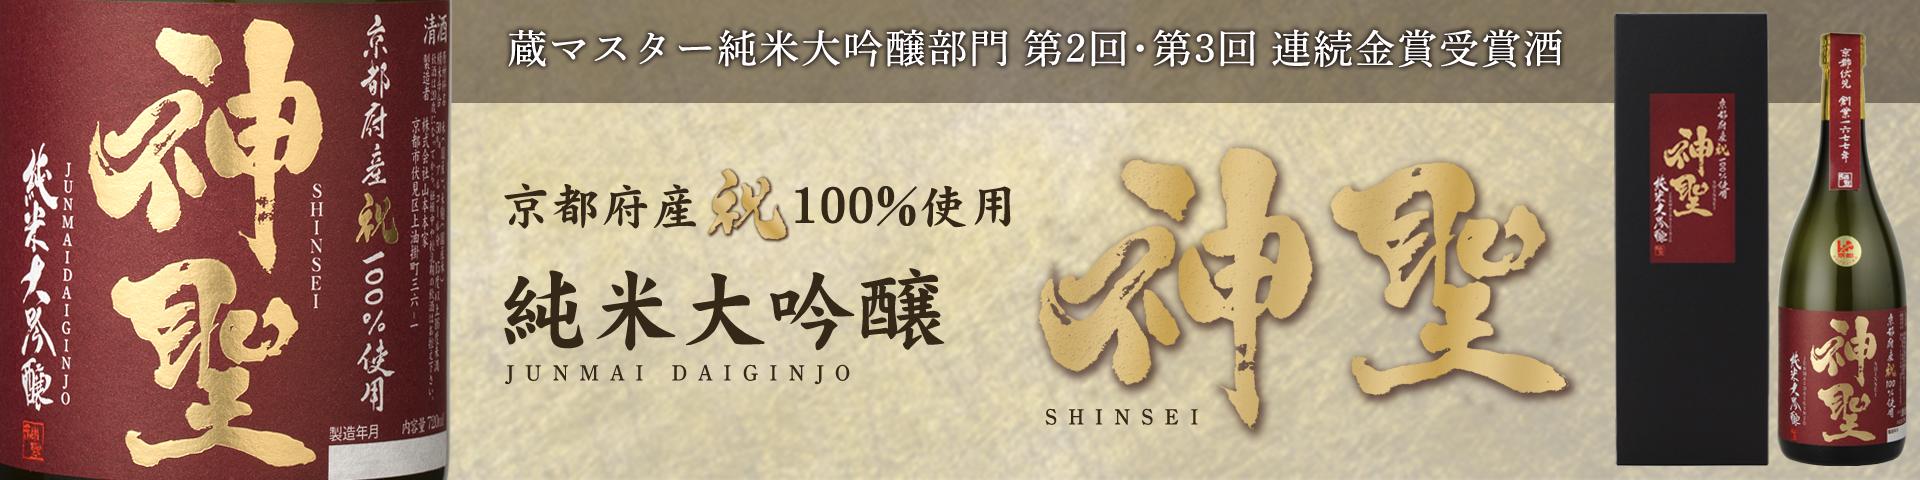 京都府産祝 純米大吟醸